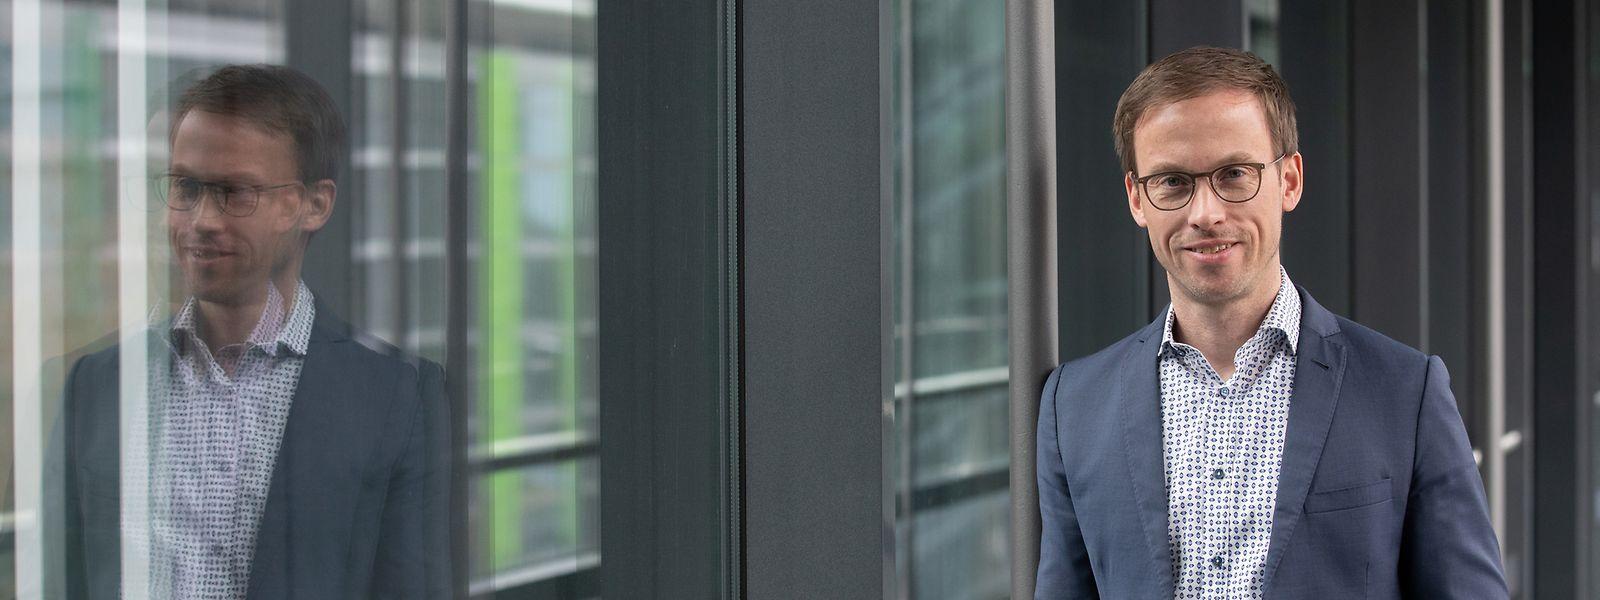 Pour Sebastian Reddeker (Luxembourg for Tourism) un des signes positifs est de voir que les comportements de recherche et de réservation pour la destination Luxembourg se multiplient actuellement.